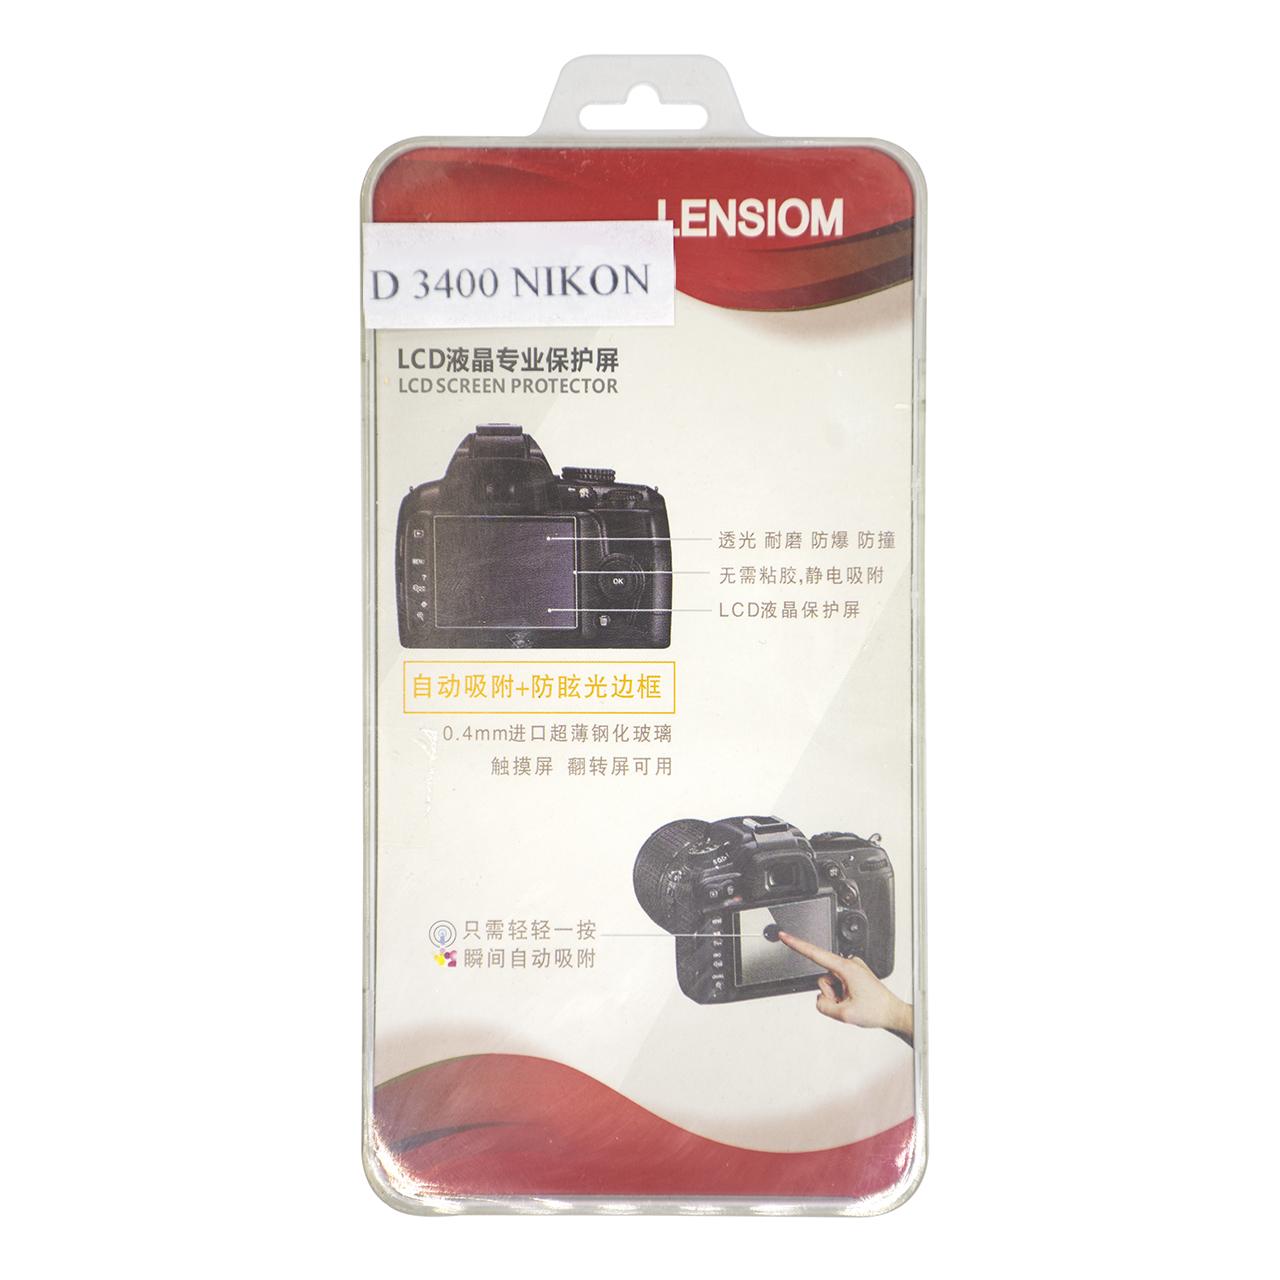 محافظ صفحه نمایش دوربین لنزیوم مدل LD3400 مناسب برای نیکون D3400